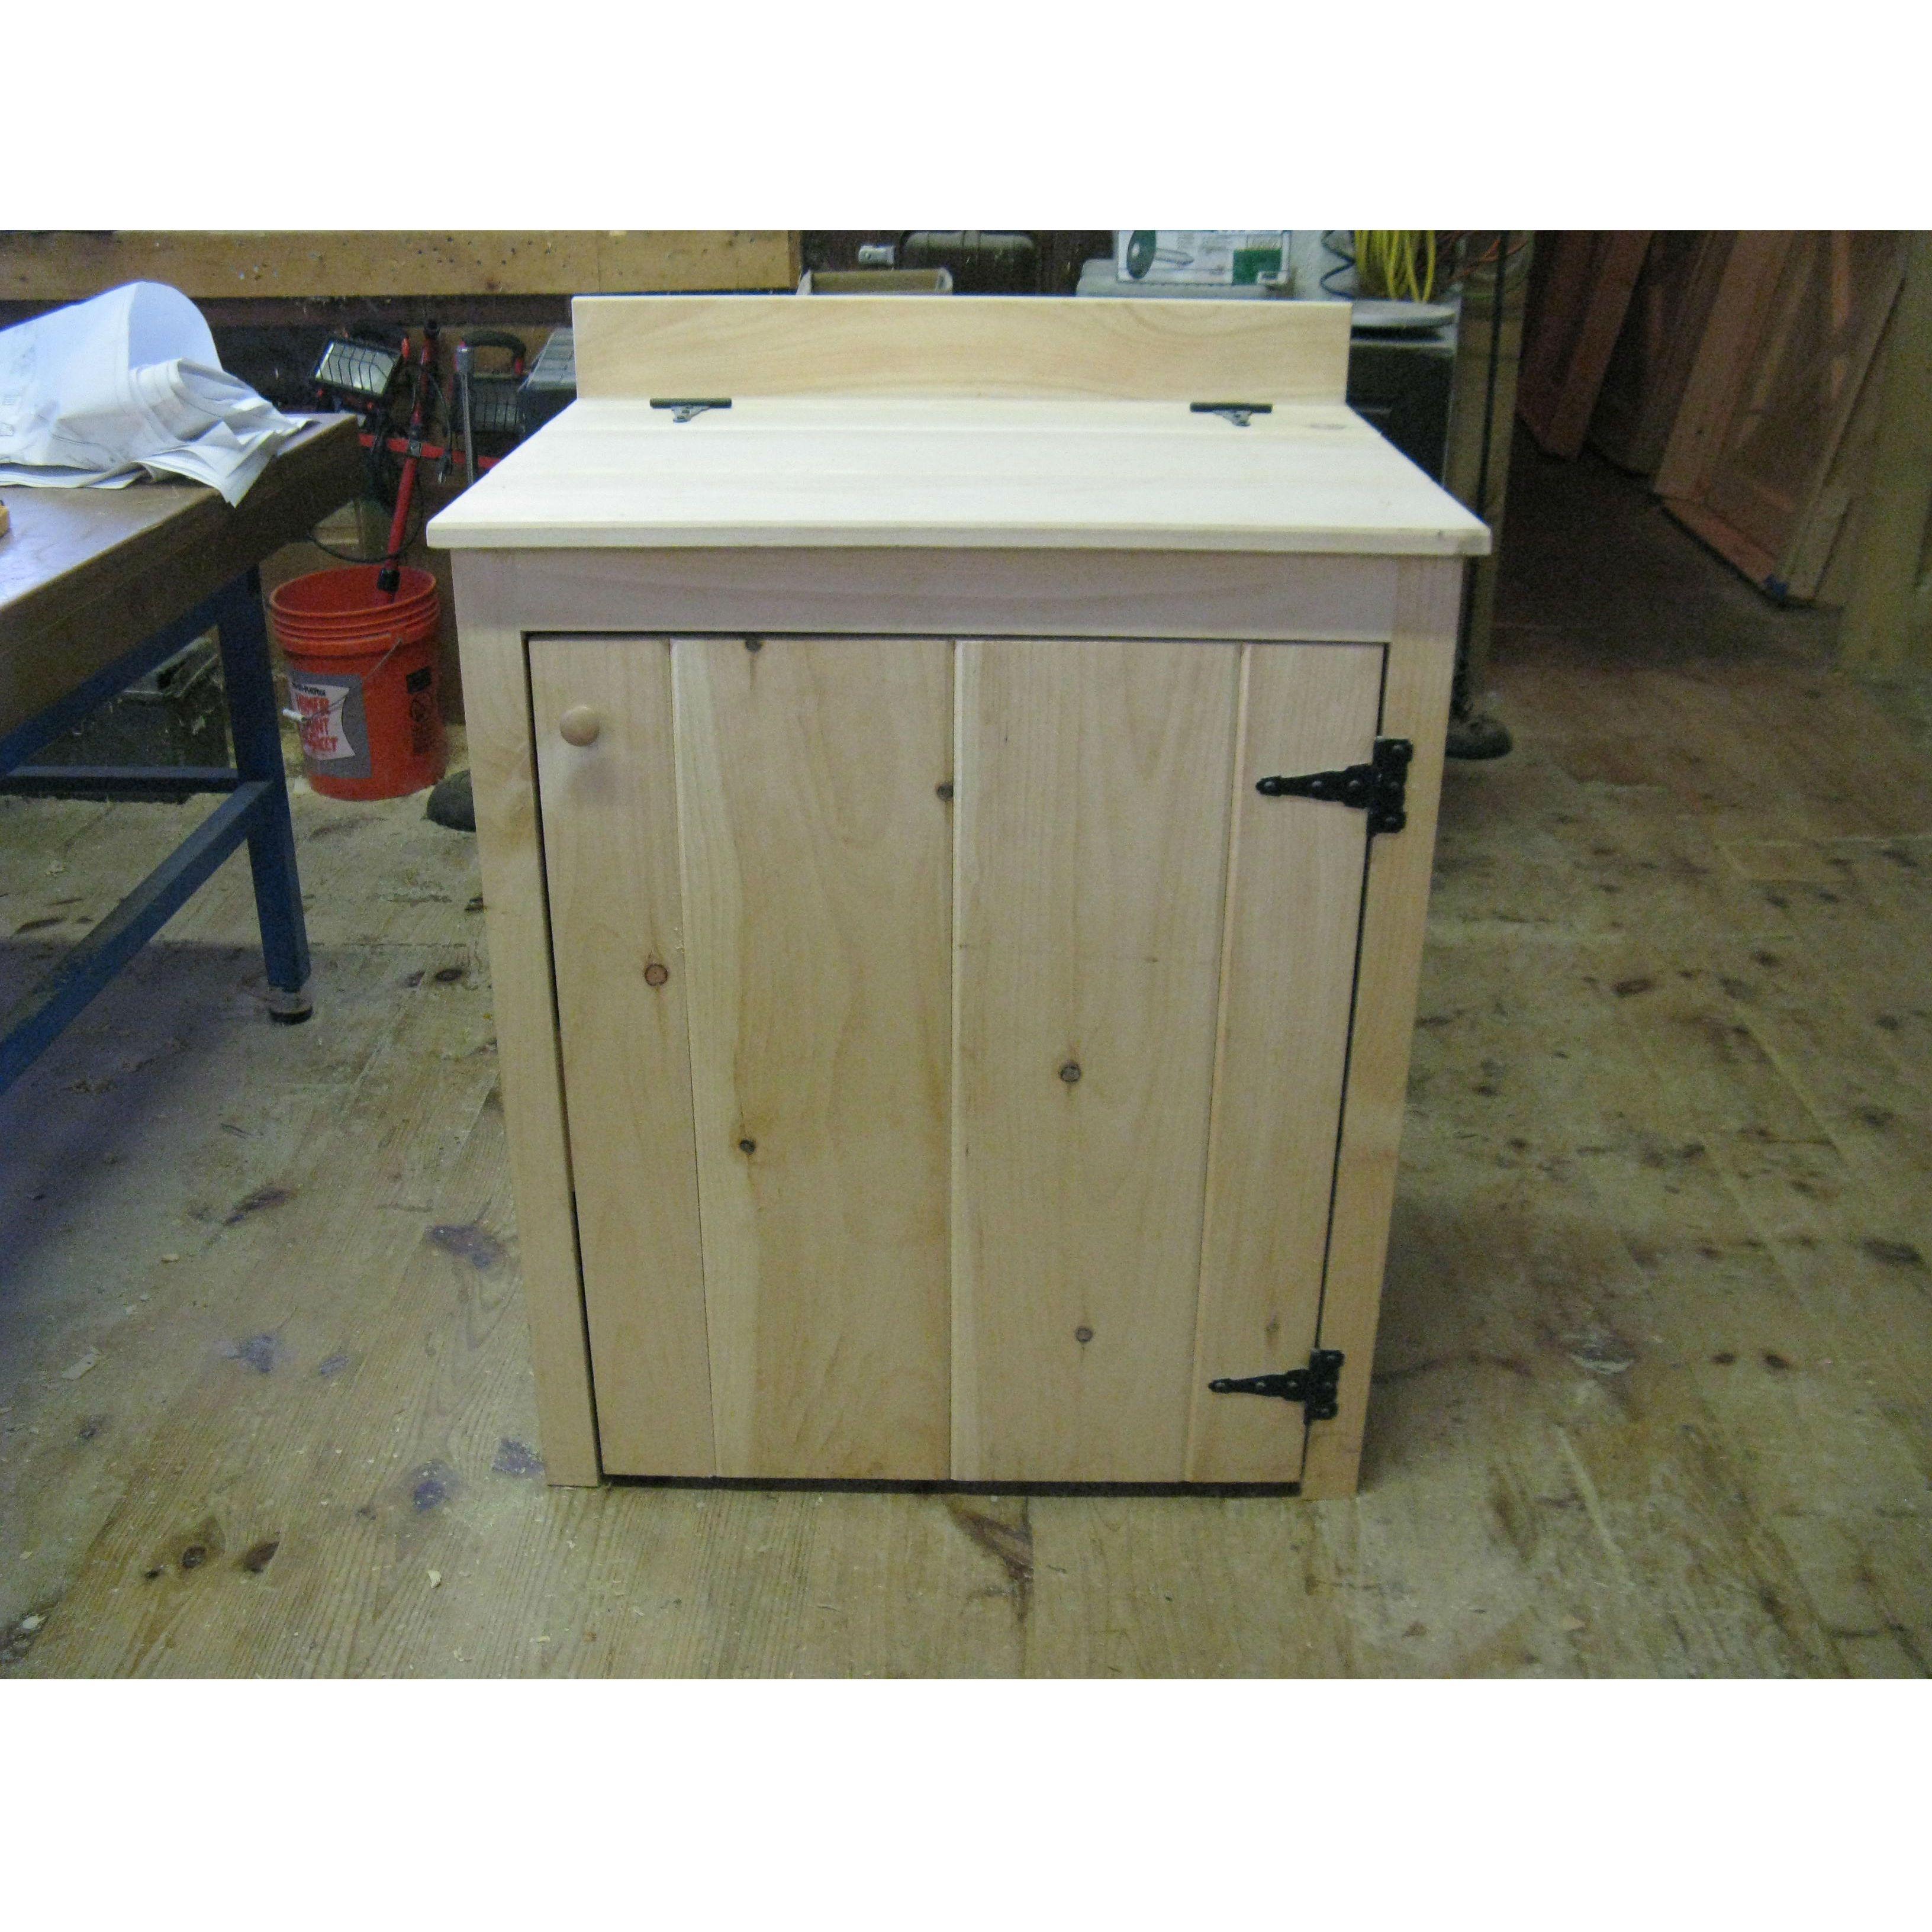 Barn Accessories Feeders Waterers Wooden Feed Bin Barn Depot